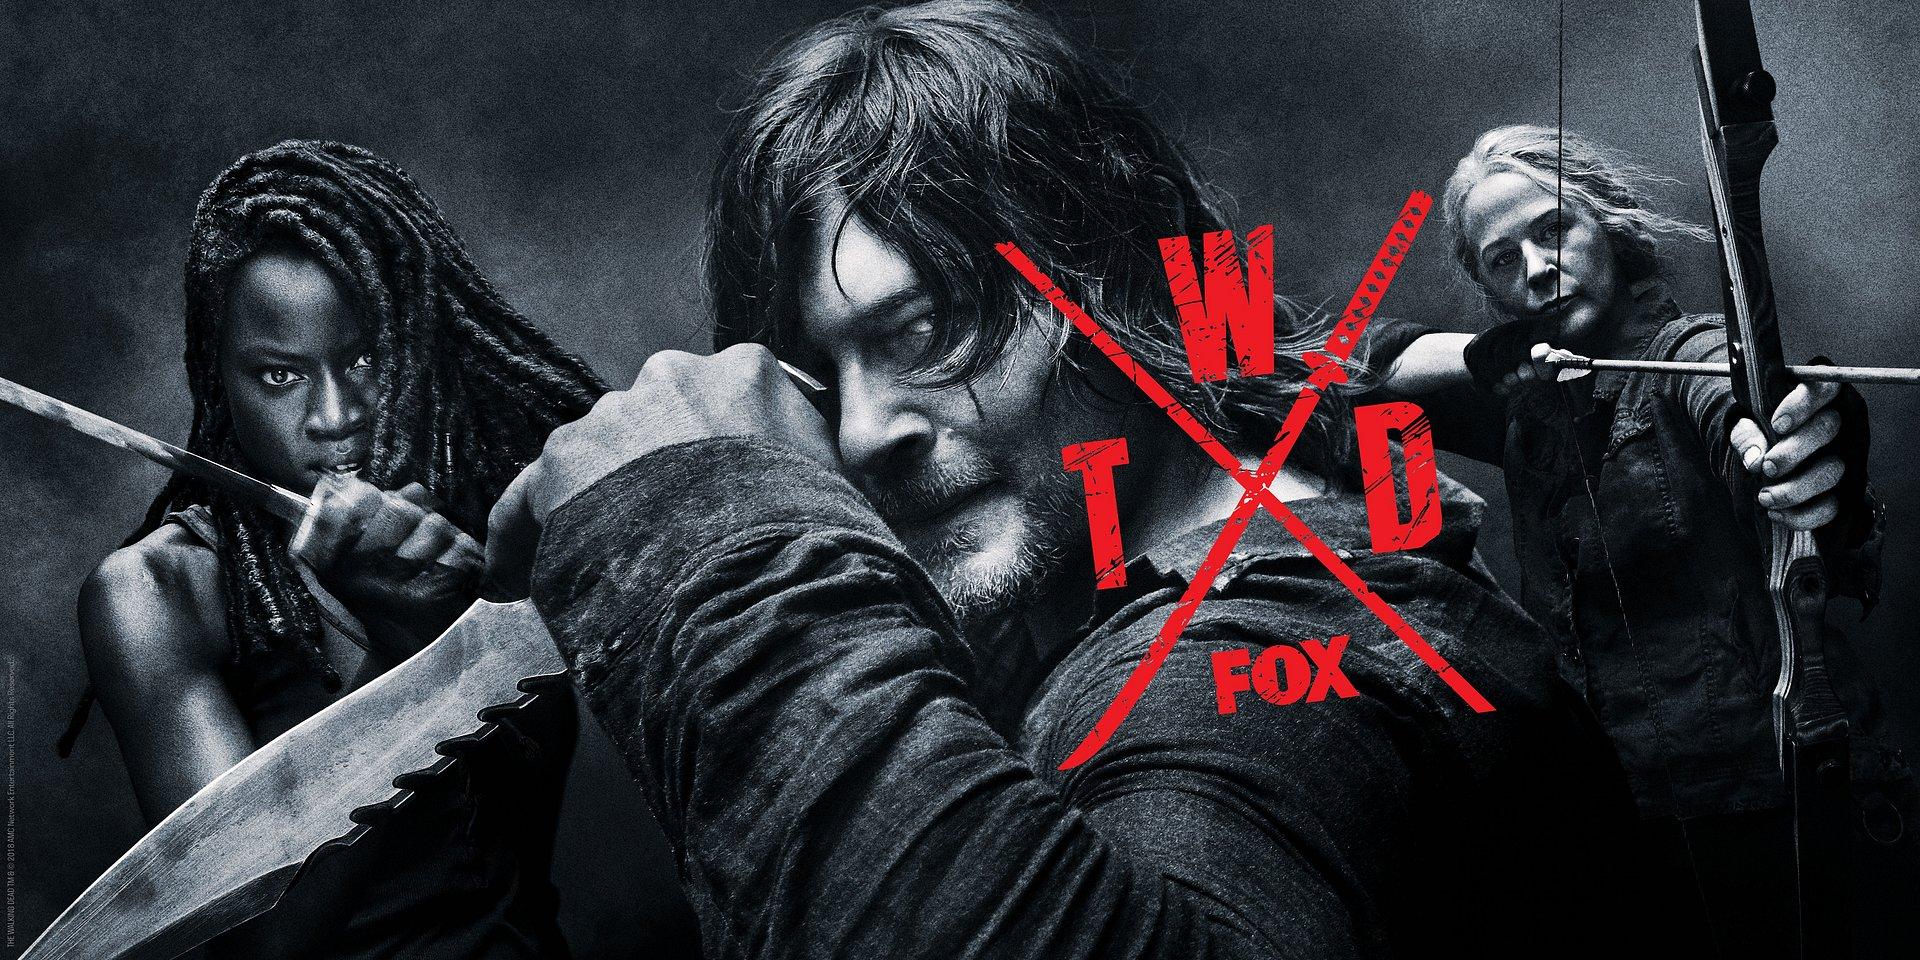 Nadchodzi 10. sezon The Walking Dead! Oto specjalny plakat na San Diego Comic Con 2019!